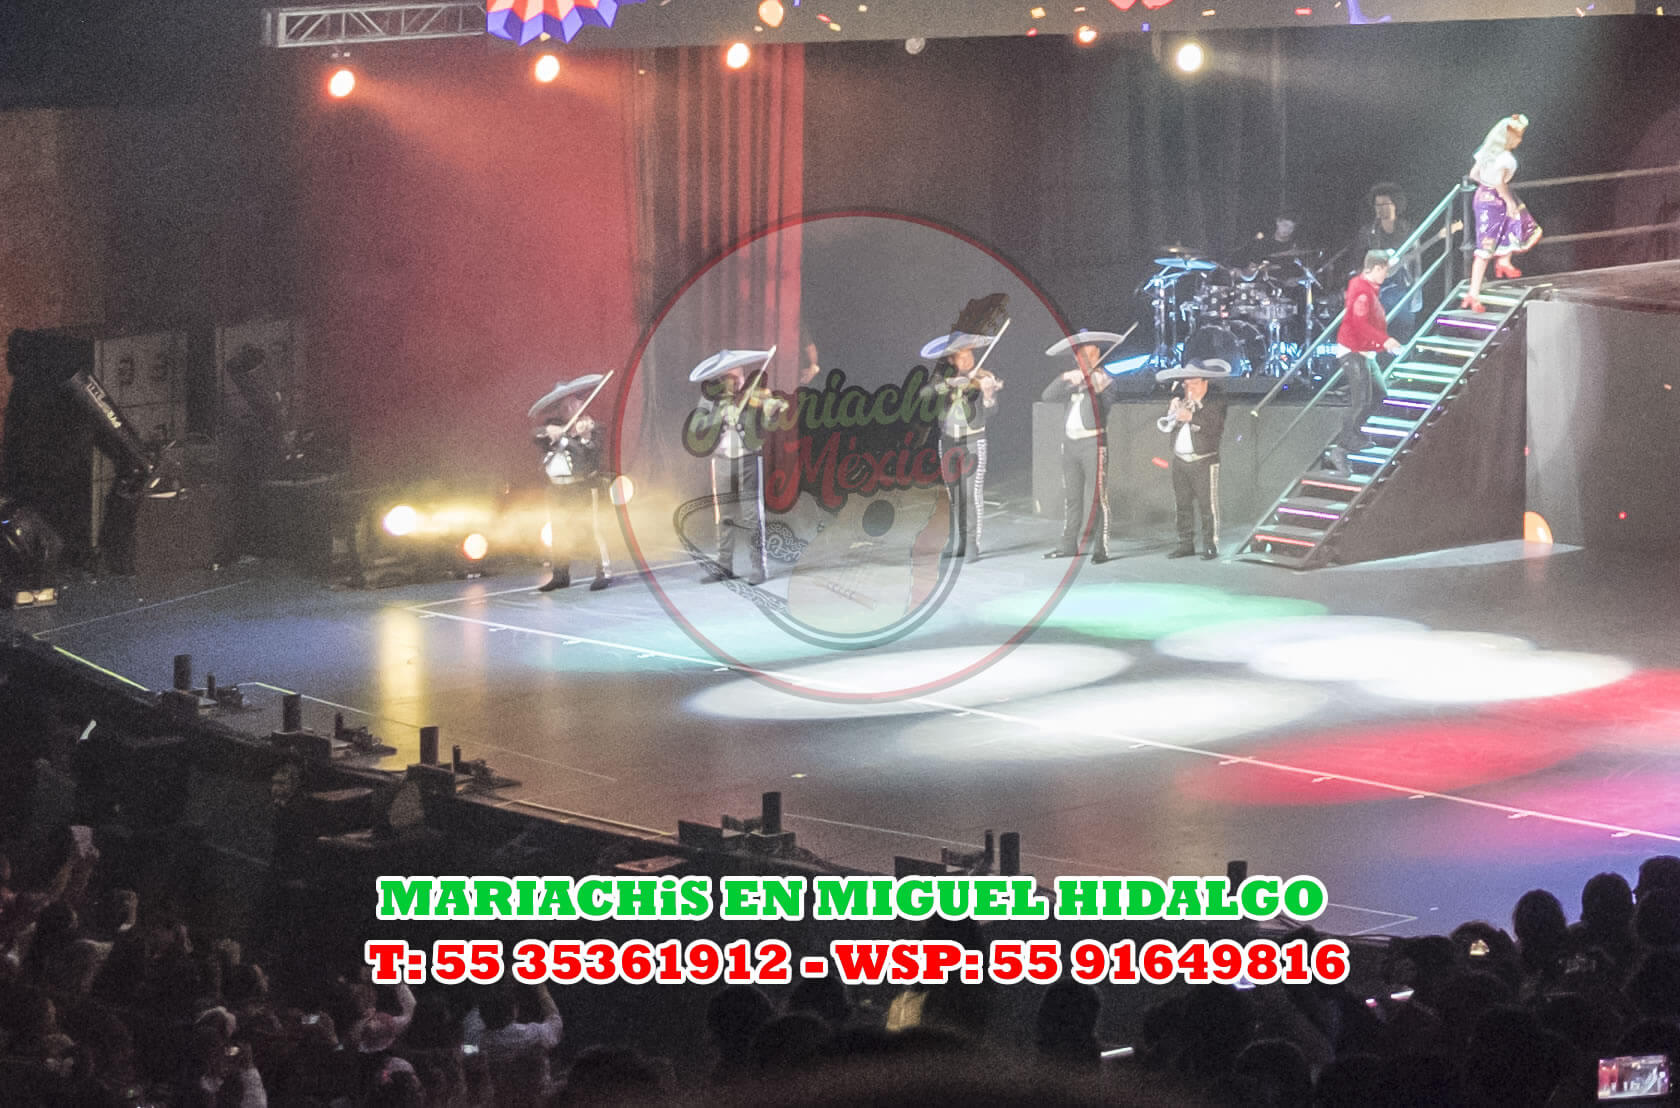 Mariachis en Miguel Hidalgo